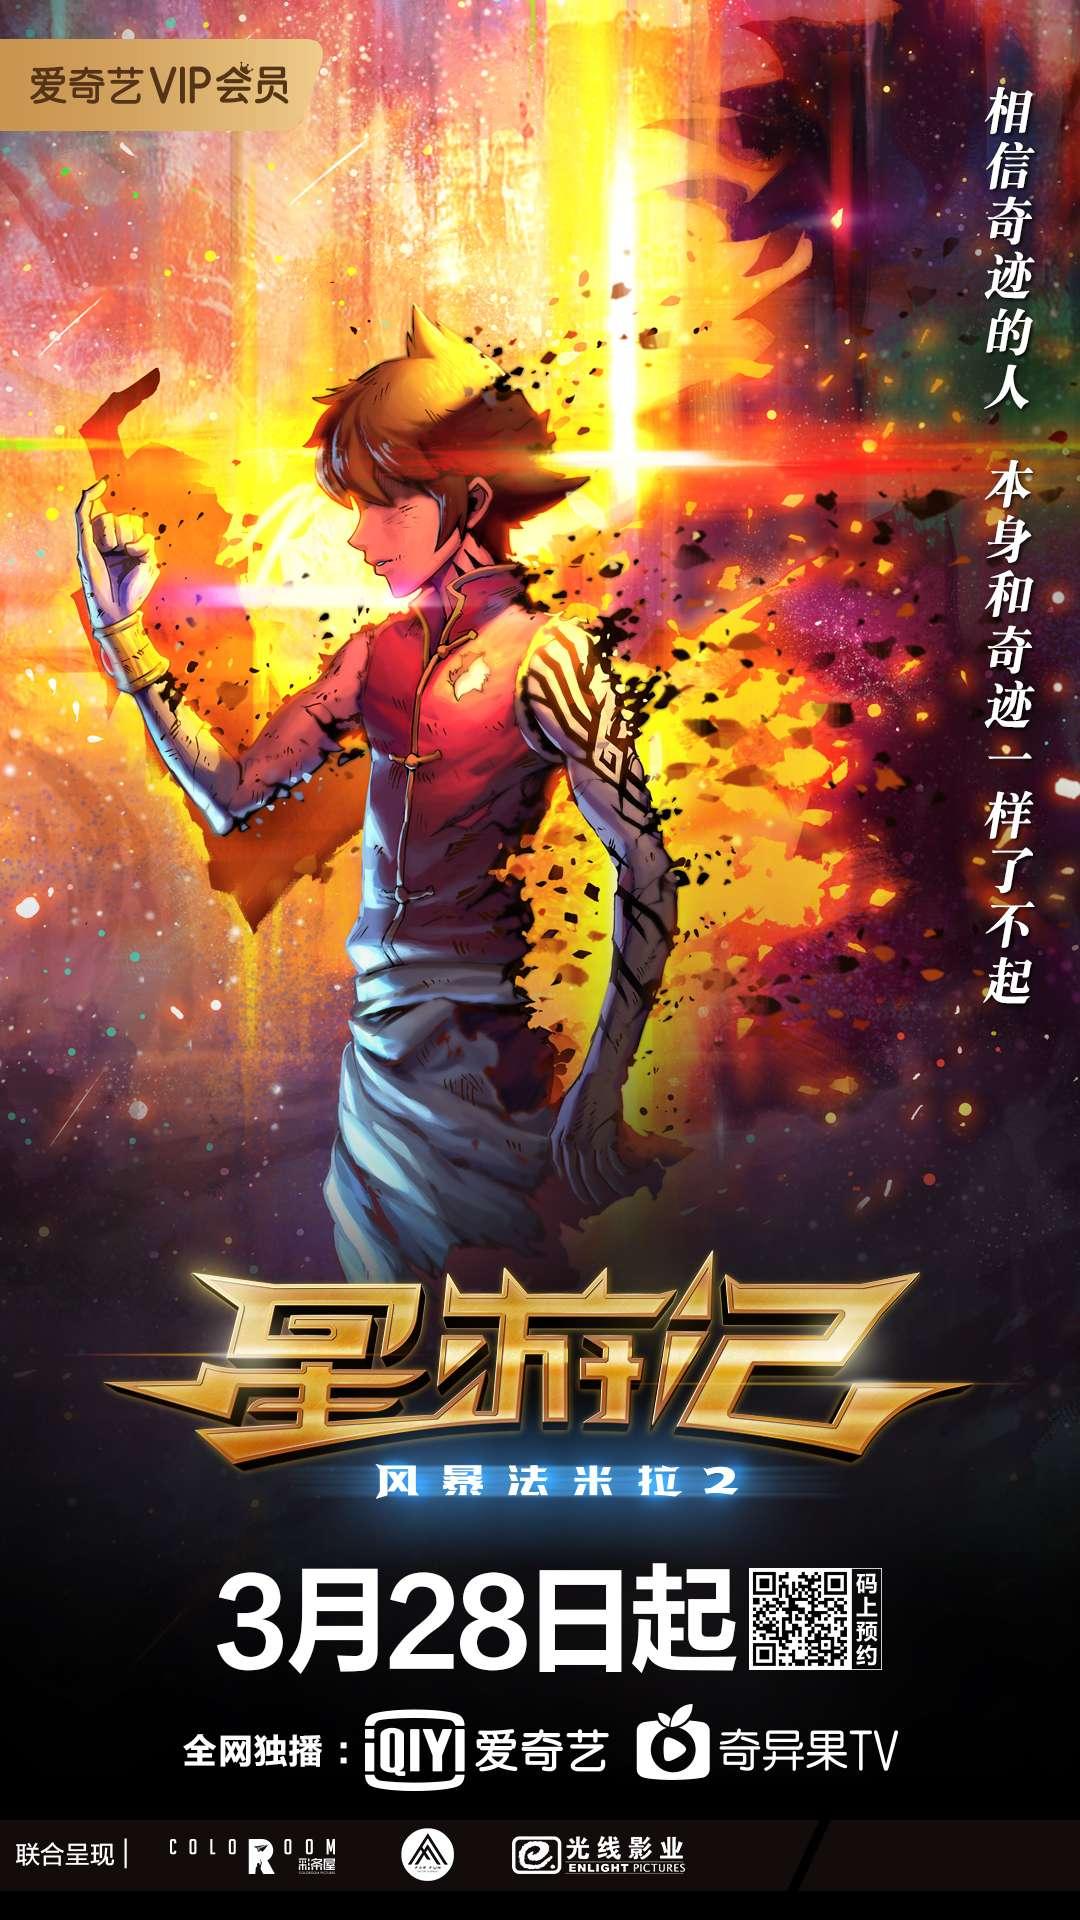 【讨论】星游记风暴法米拉2明天就可以看了,好激动oh~芜湖